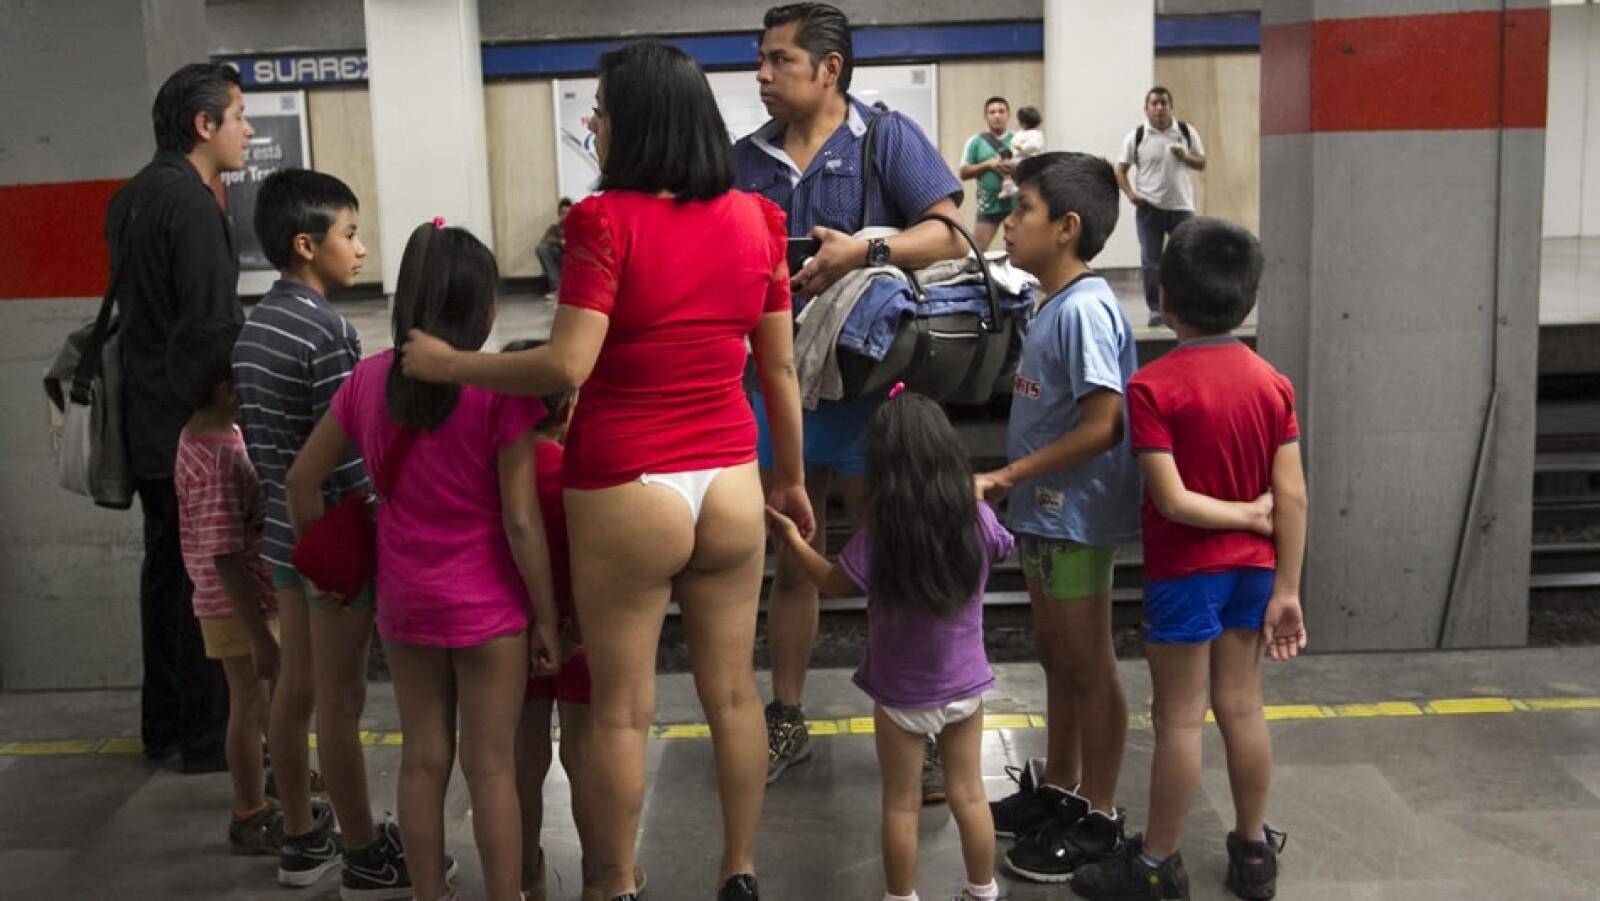 La inhibición no forma parte de las características de esta familia en la estación Pino Suárez